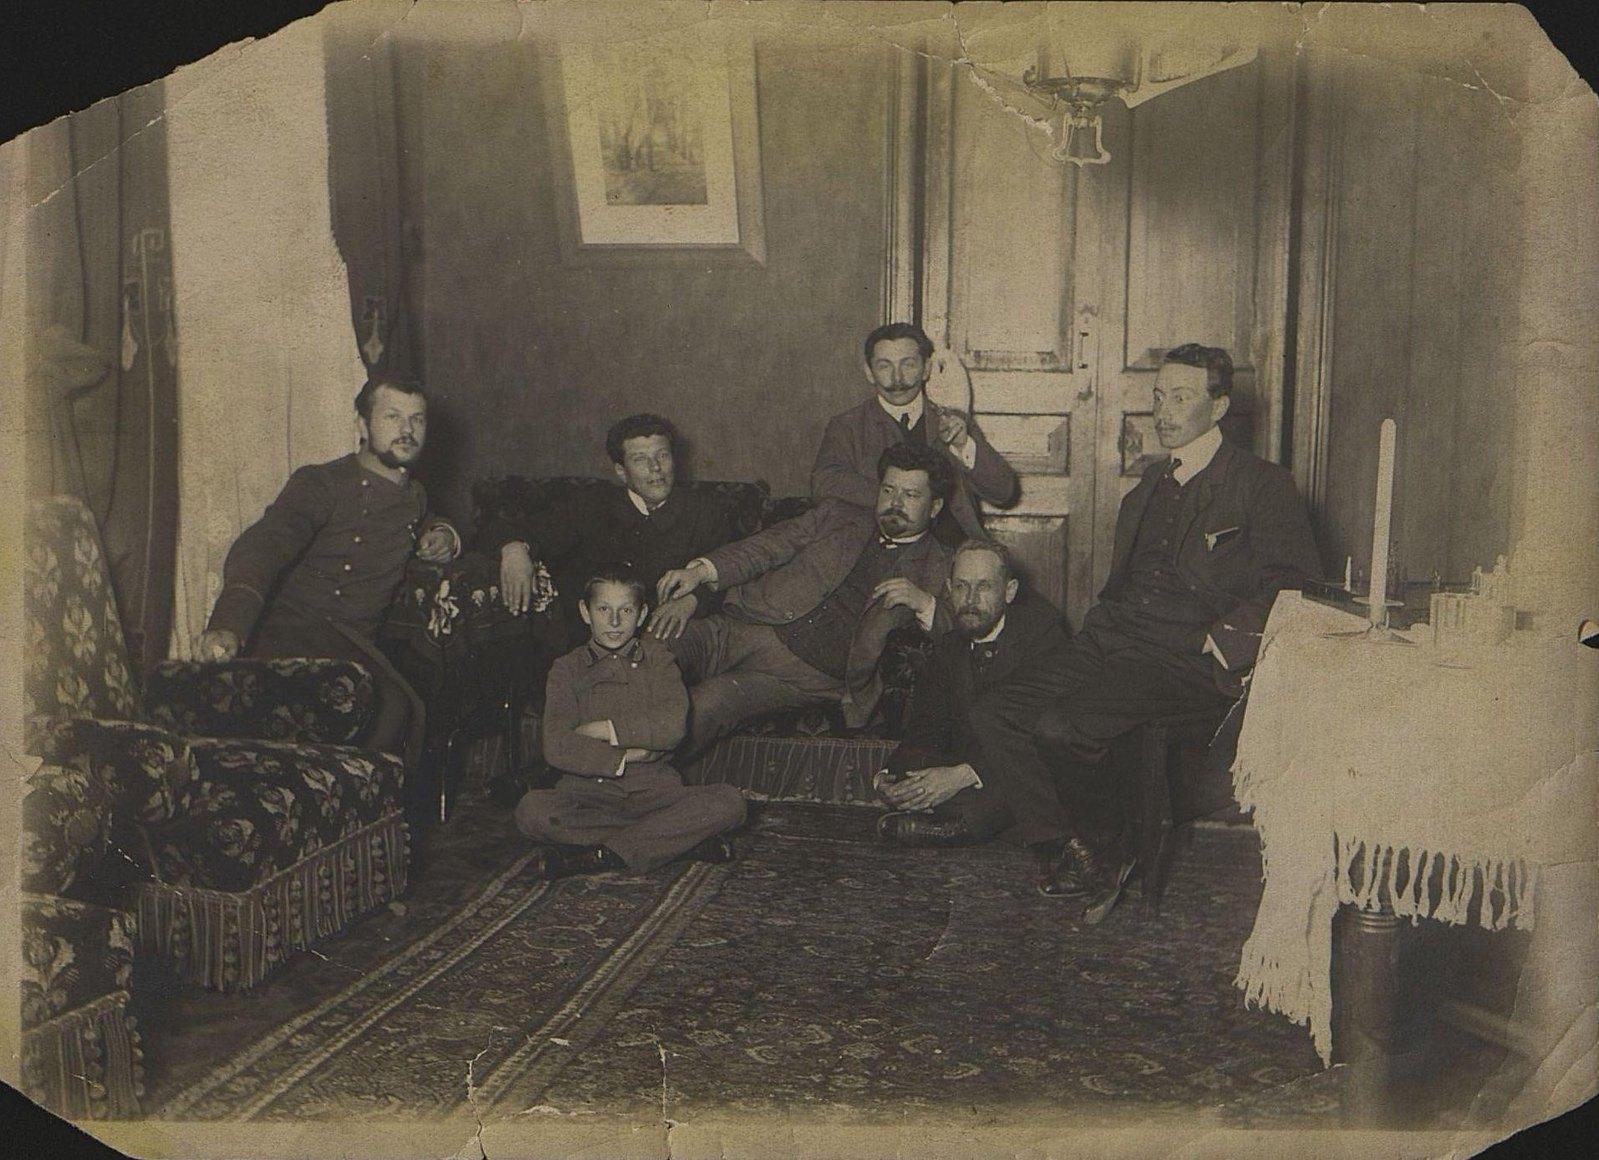 Дукельский Николай Петрович, присяжный поверенный города Владивостока, с коллегами и товарищами. 1915